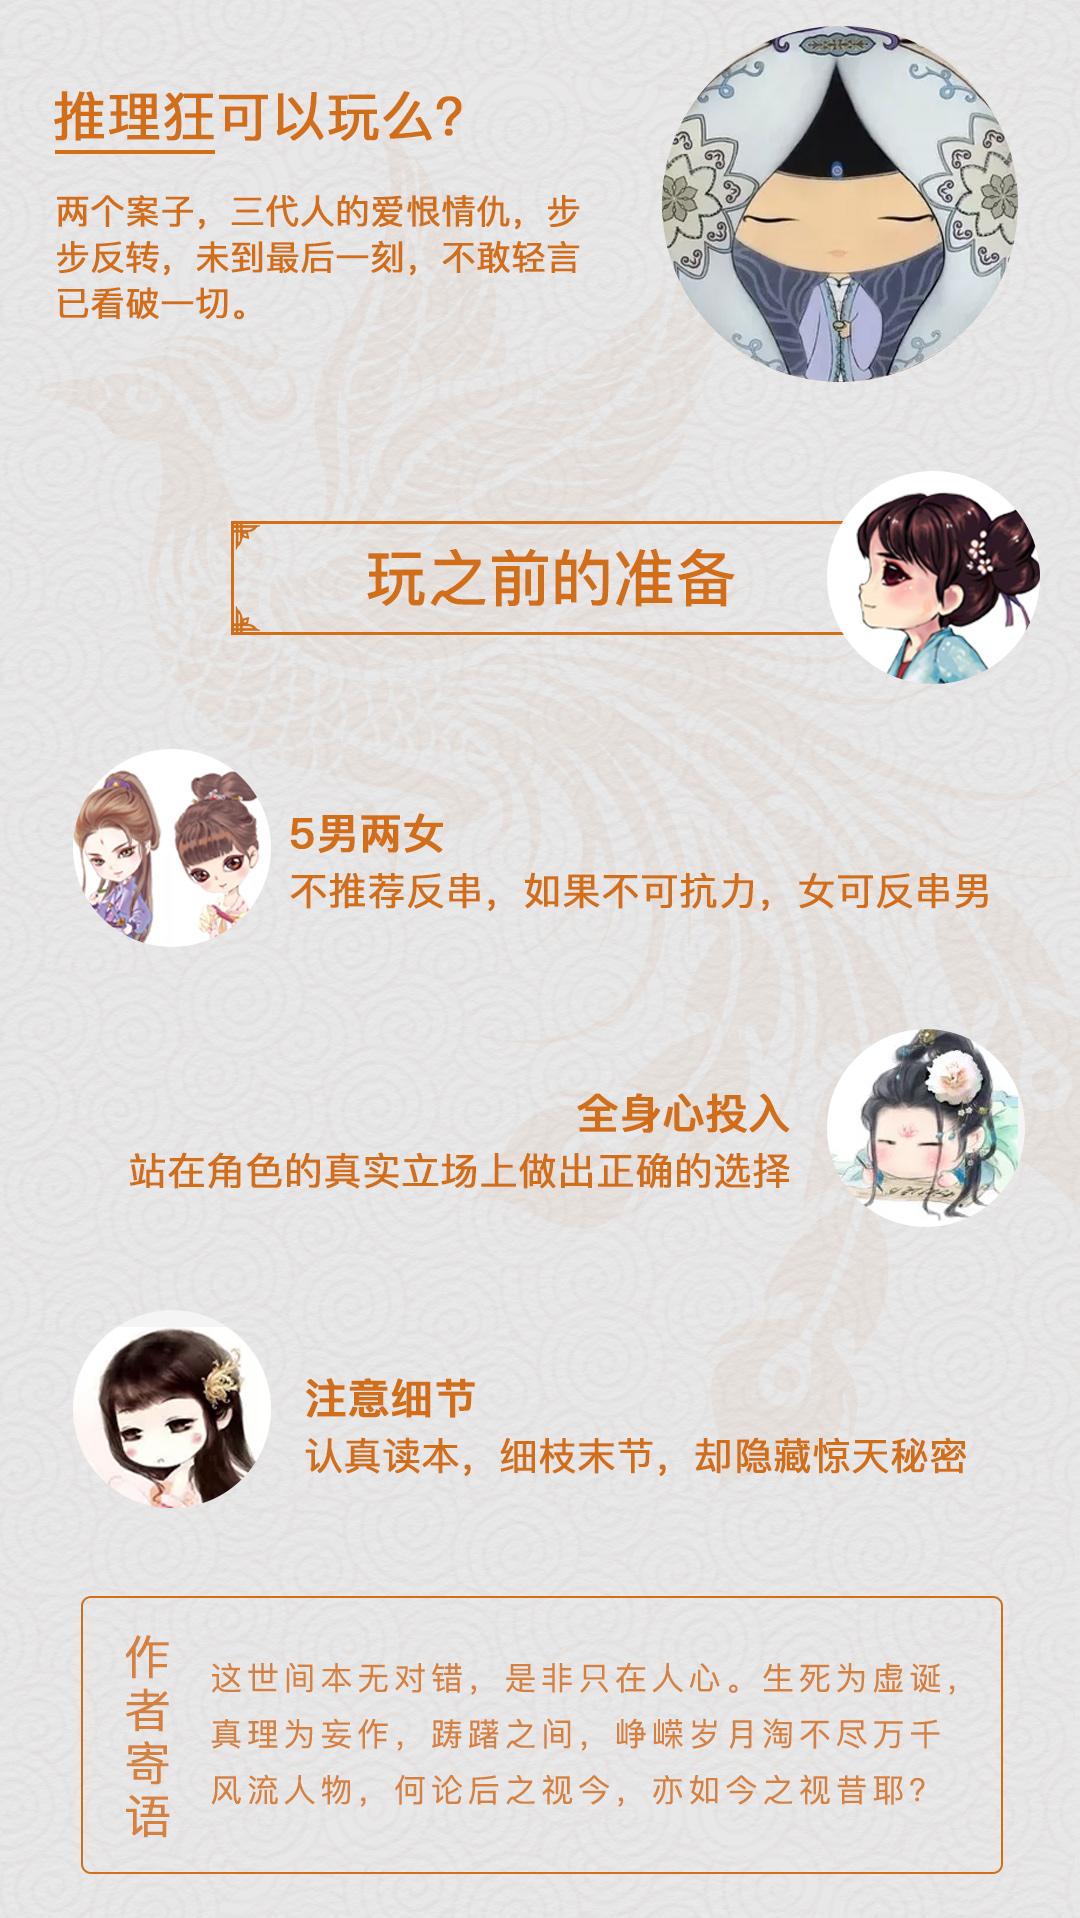 『凰朝』剧本杀复盘/真相解析/凶手是谁/主持人手册